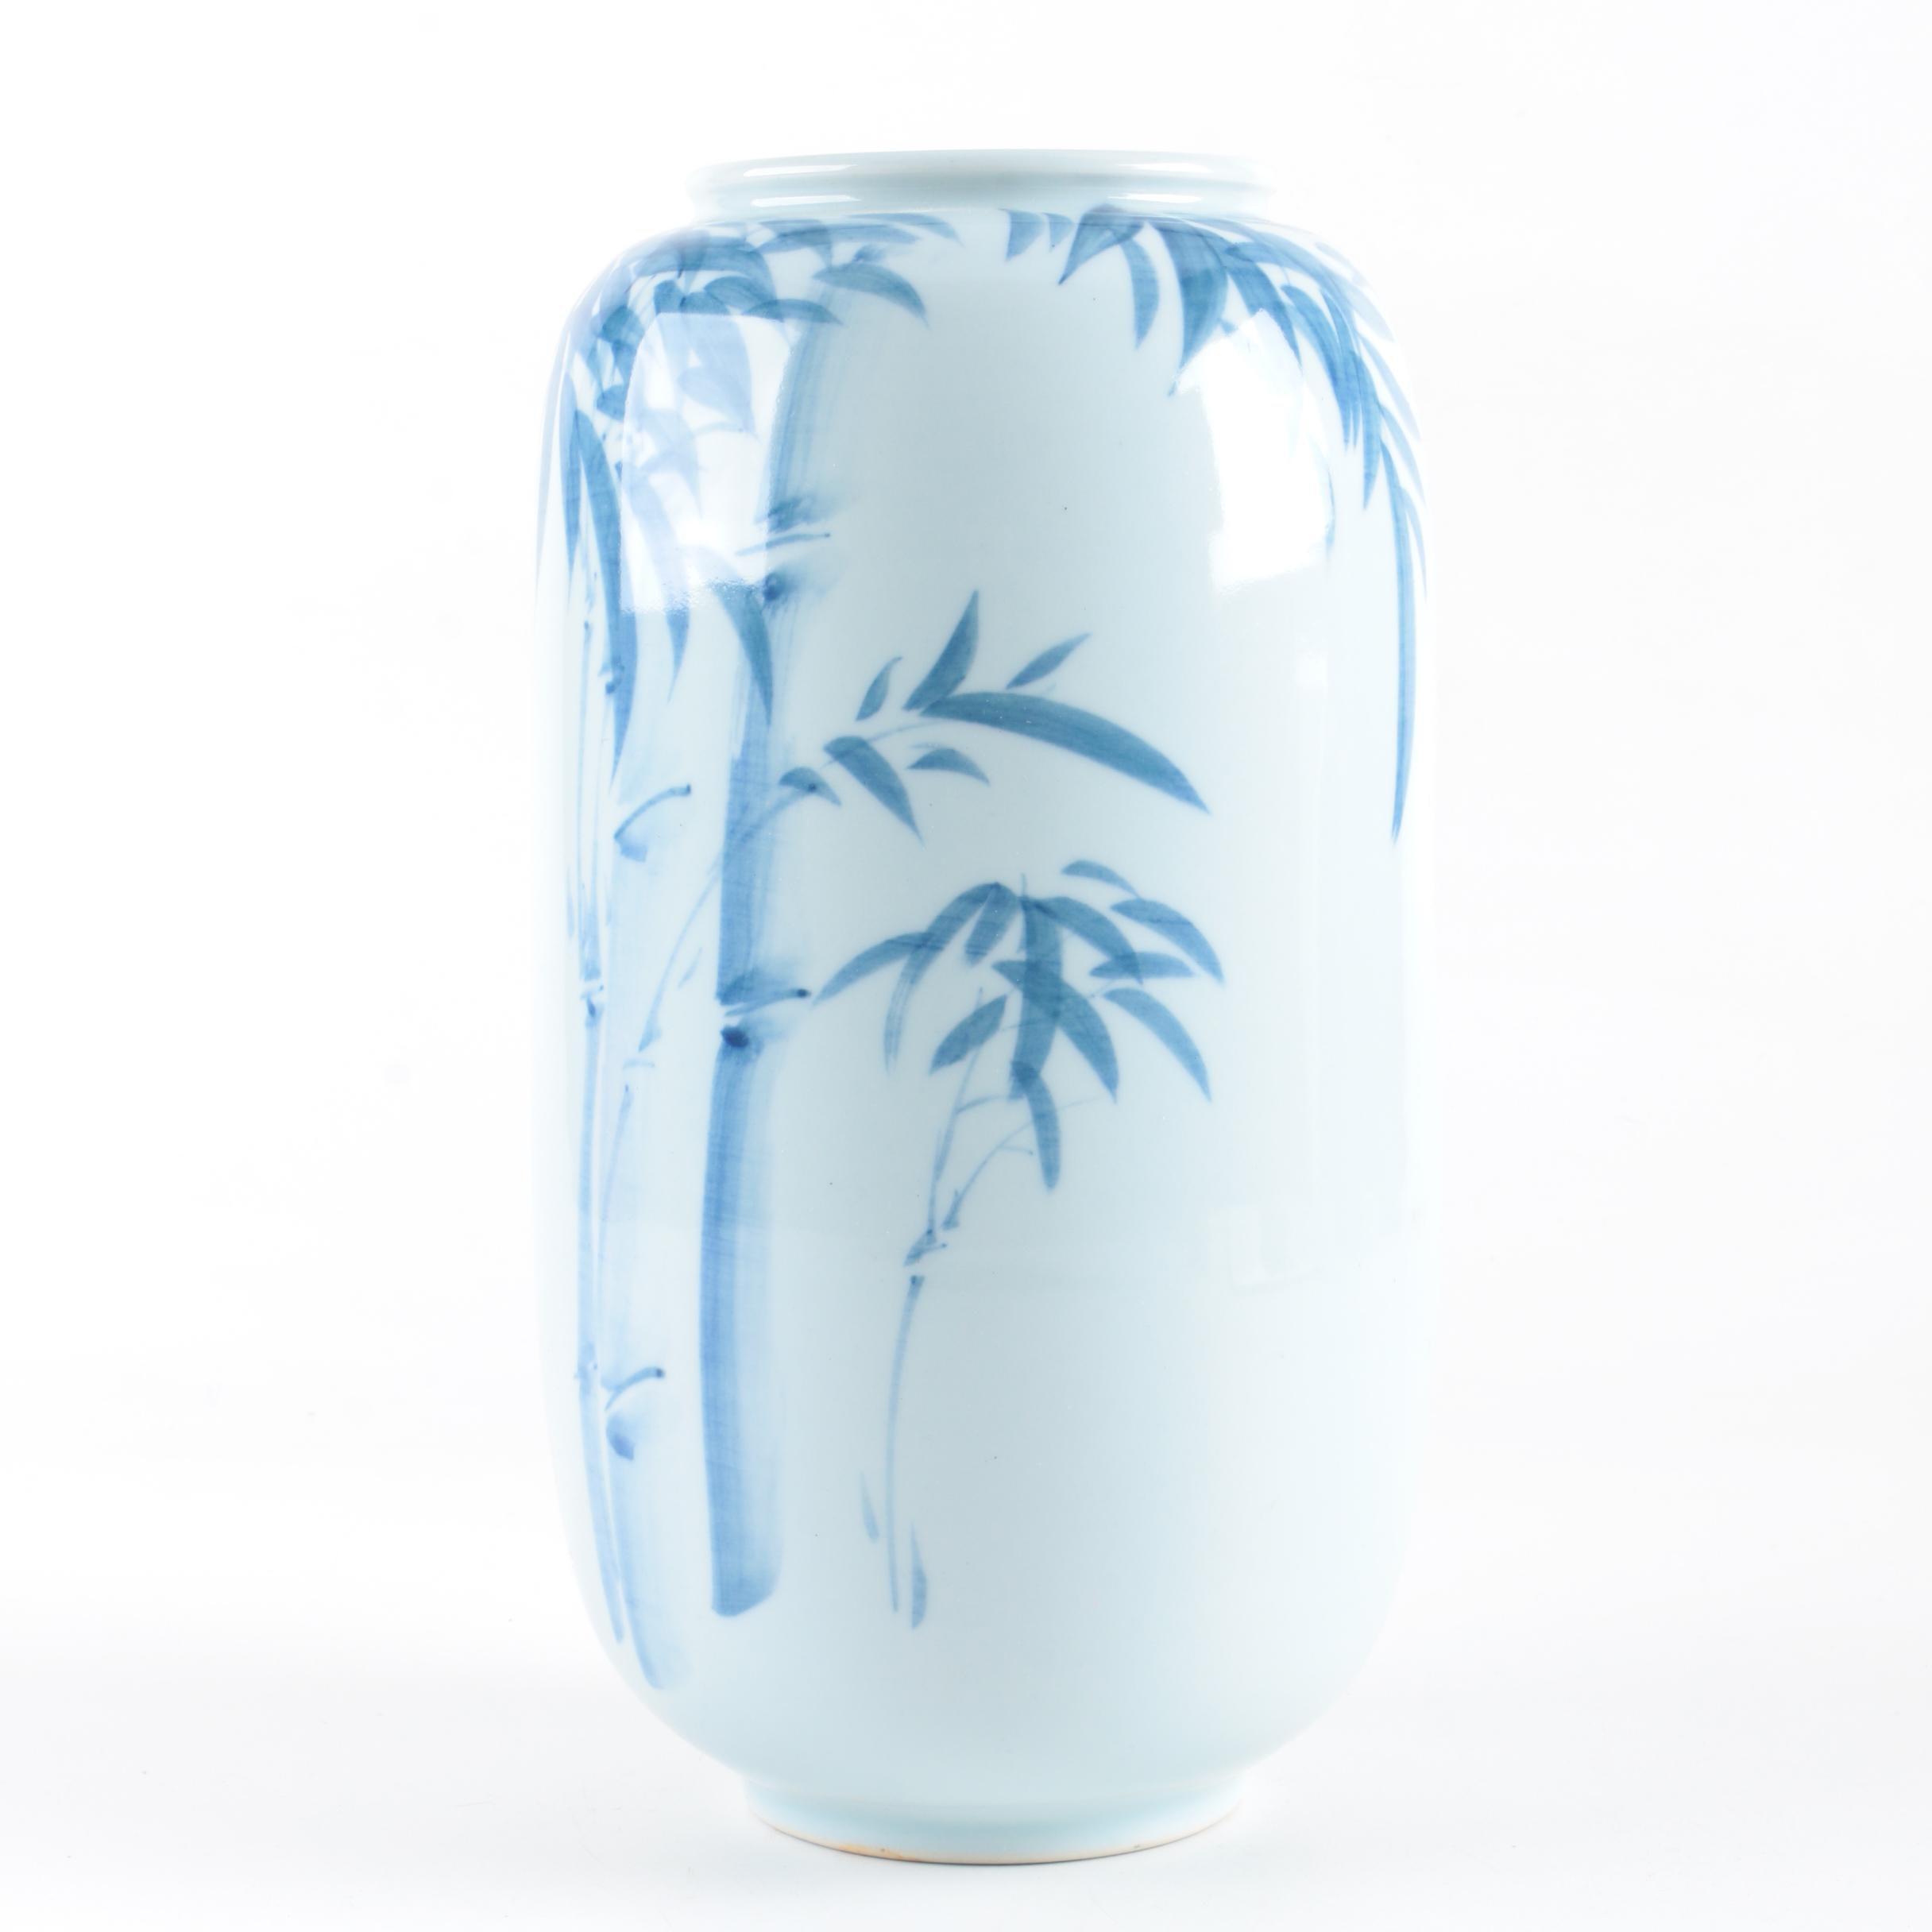 White and Blue Ceramic Vase Commemorating Korean National Sports Festival